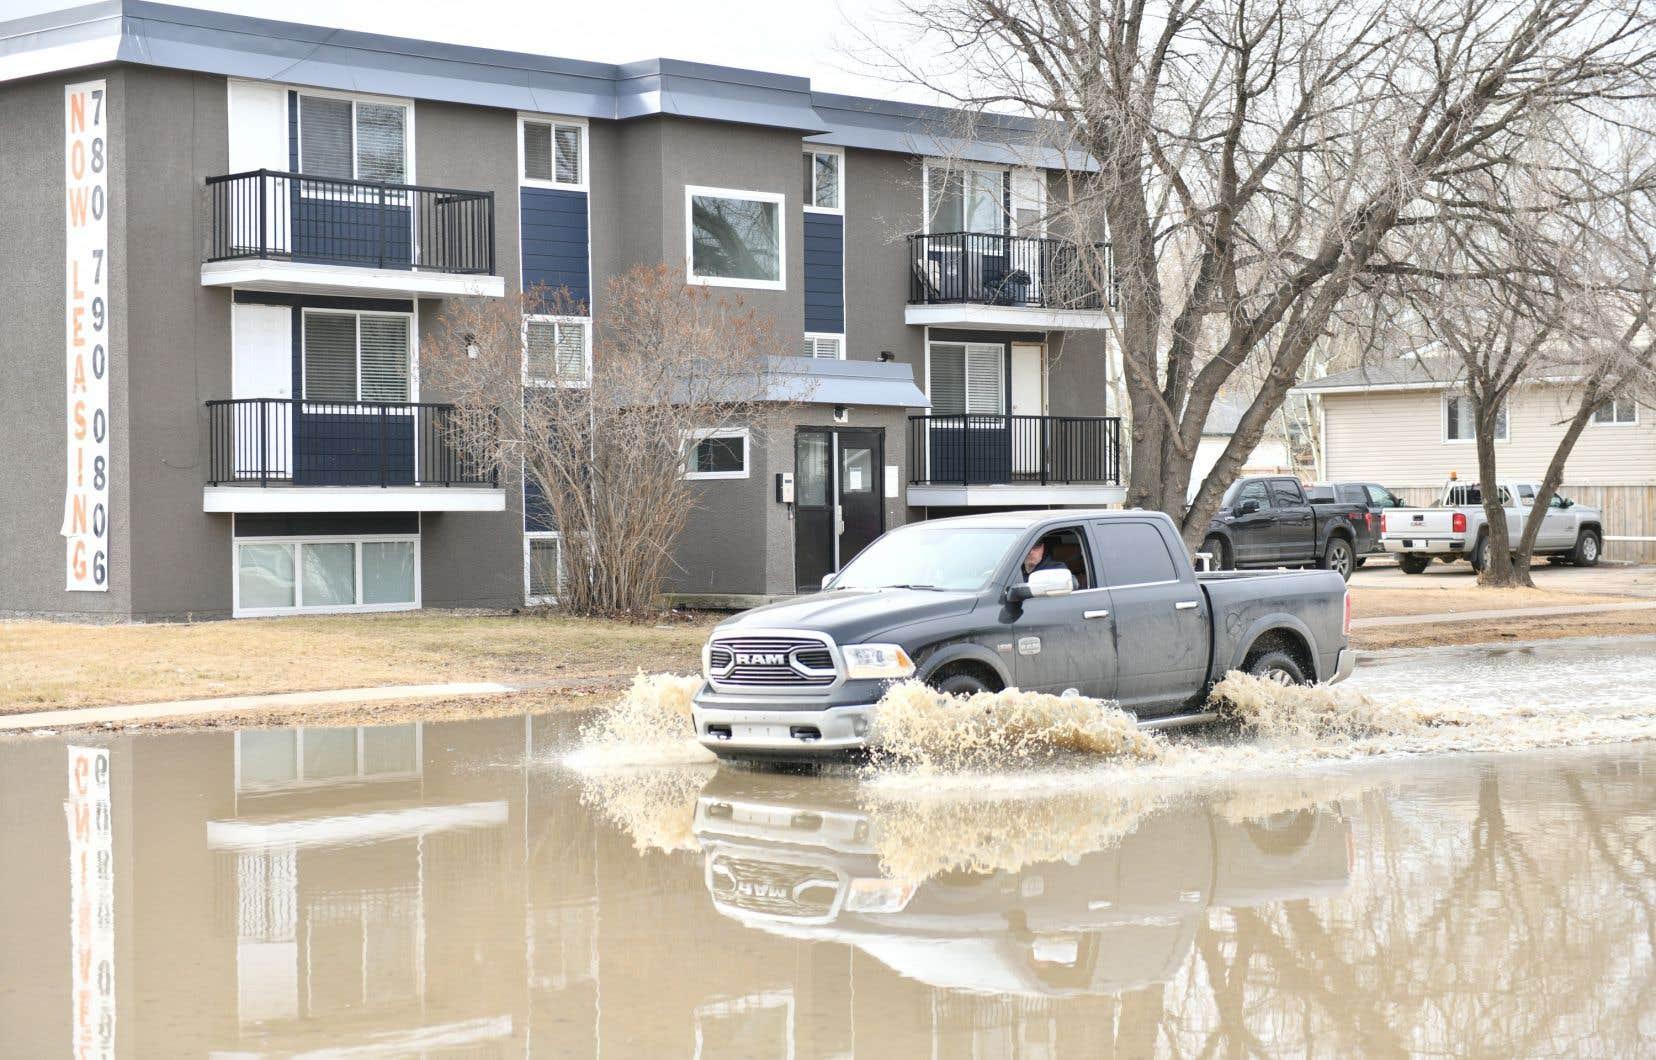 Le centre-ville de Fort McMurray a reçu un avis d'évacuation en raison de la hausse du niveau des eaux provoquée par les crues printanières sur les rivières Athabasca et Clearwater.